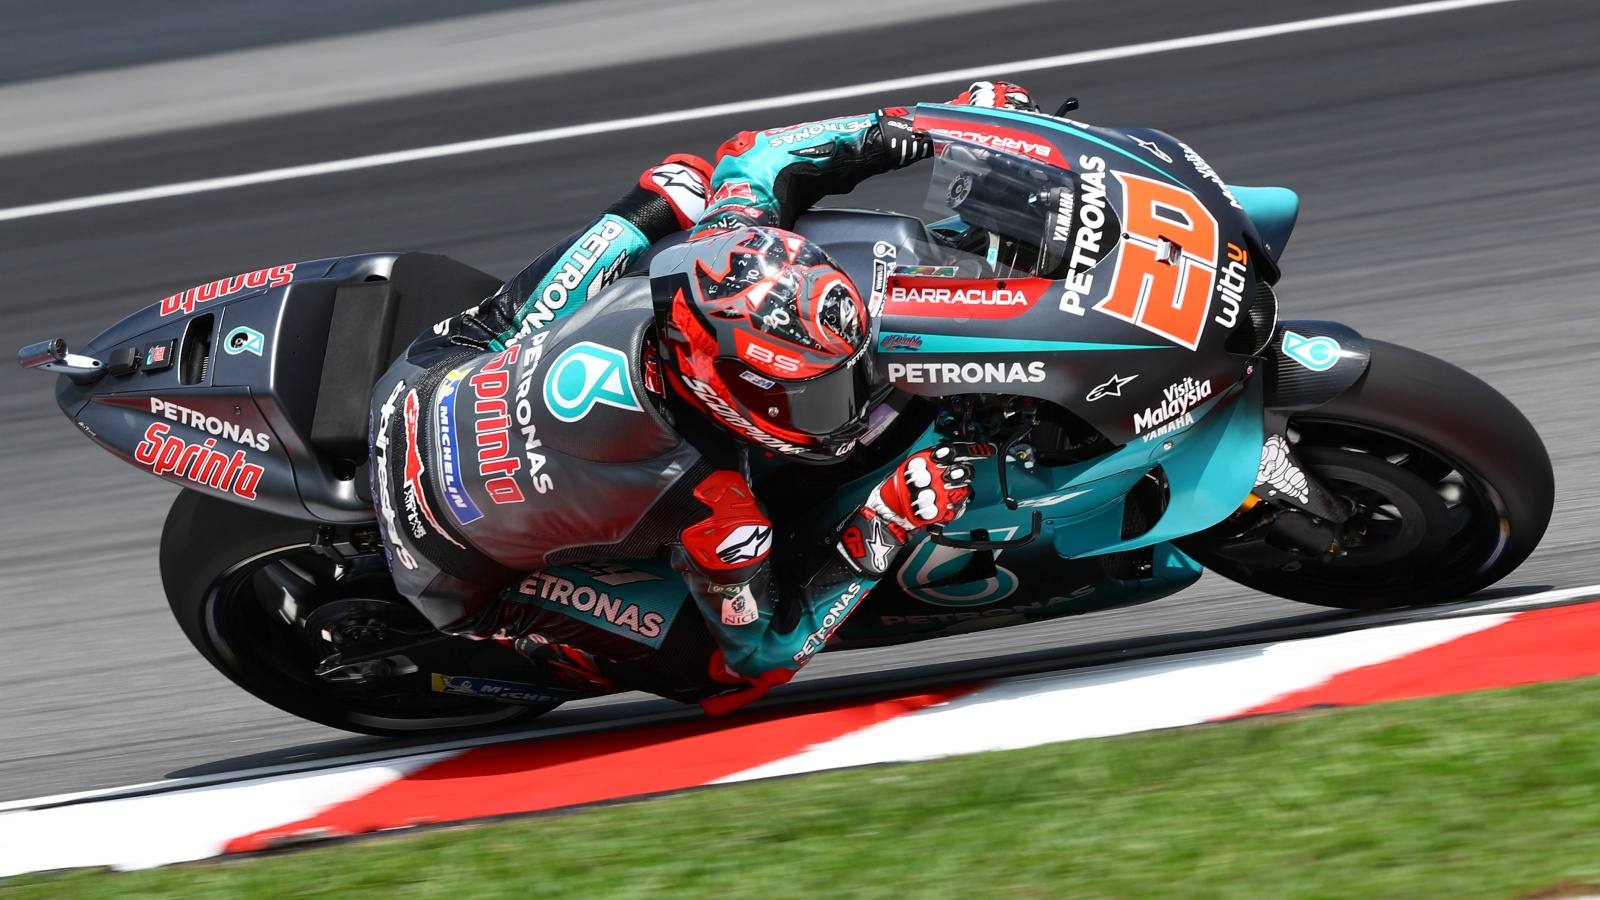 Fabio Quartararo se lleva una pole de rabia en Malasia con tres Yamaha en primera fila